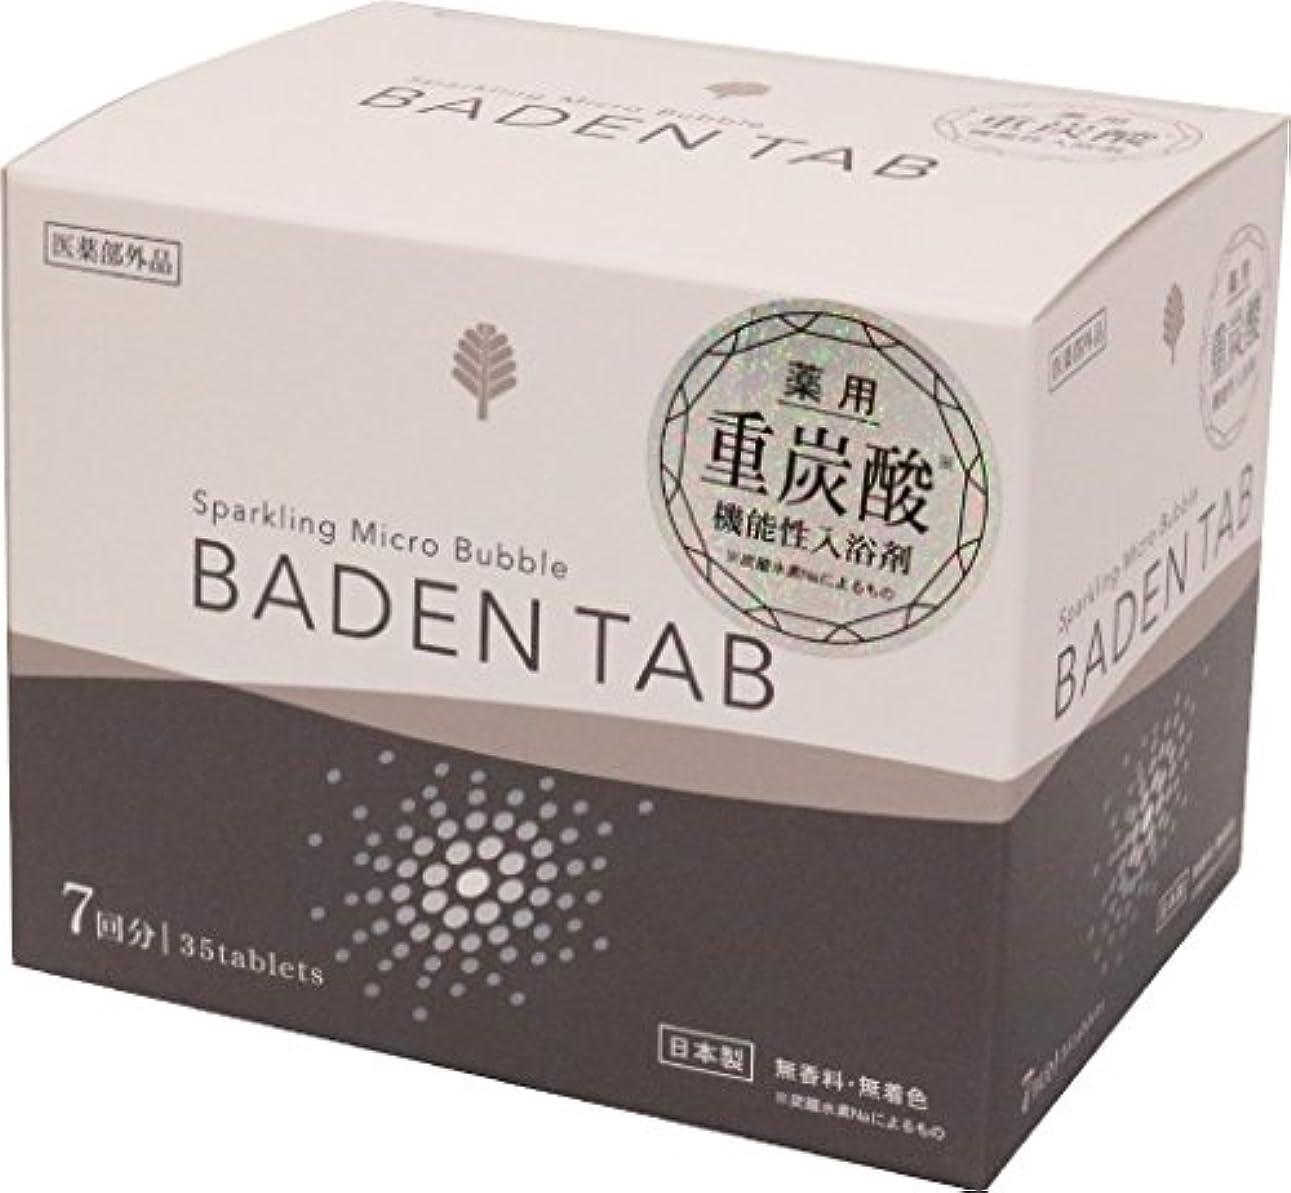 重力雨の予知日本製 made in japan 薬用BadenTab5錠7パック15gx35錠入 BT-8756 【まとめ買い6個セット】